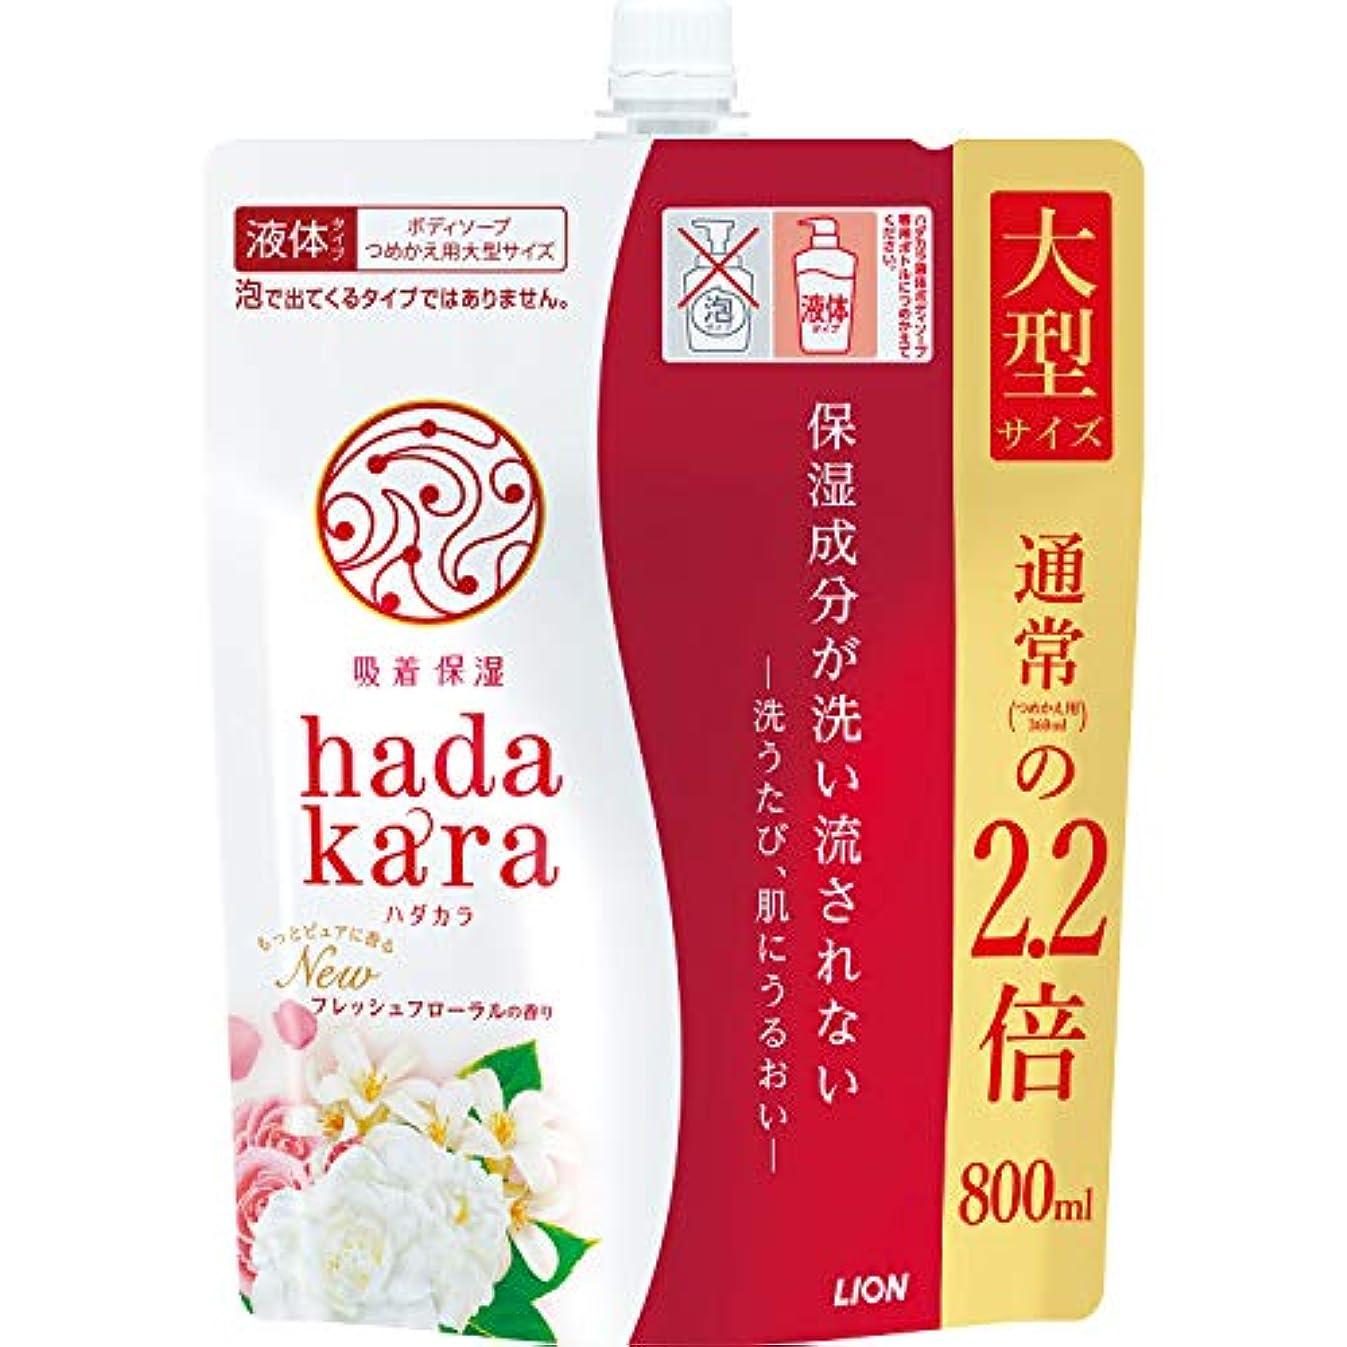 最初に向かって飢hadakara(ハダカラ) ボディソープ フレッシュフローラルの香り つめかえ用大型サイズ 800ml